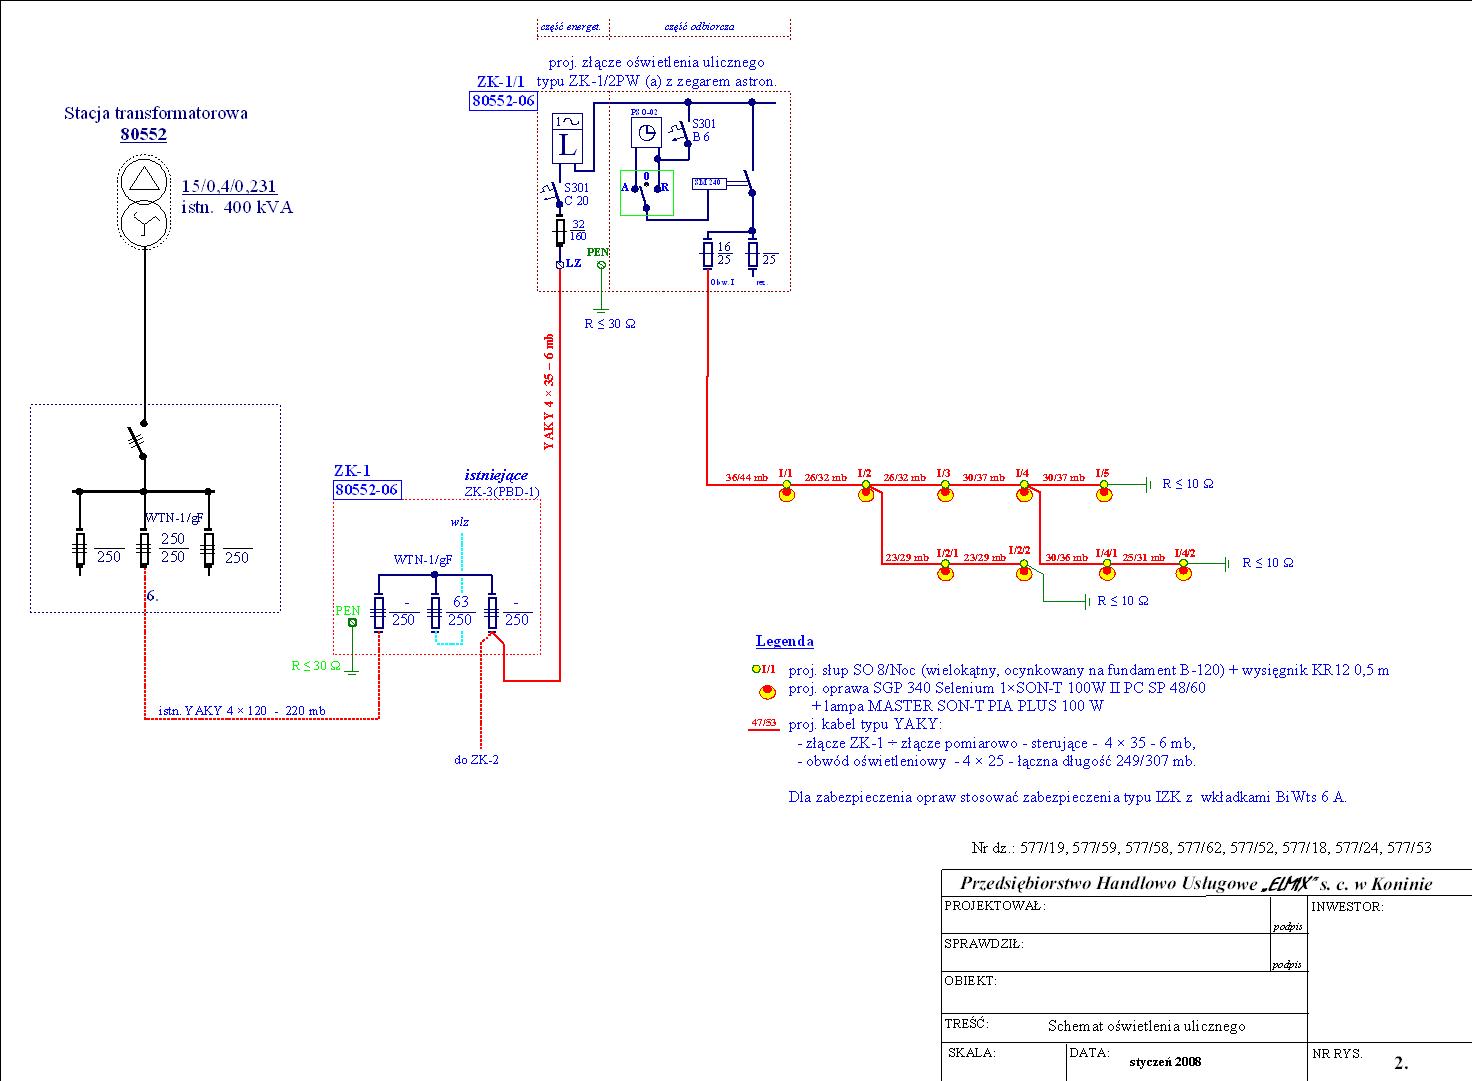 Schemat oświetlenia ulicznego